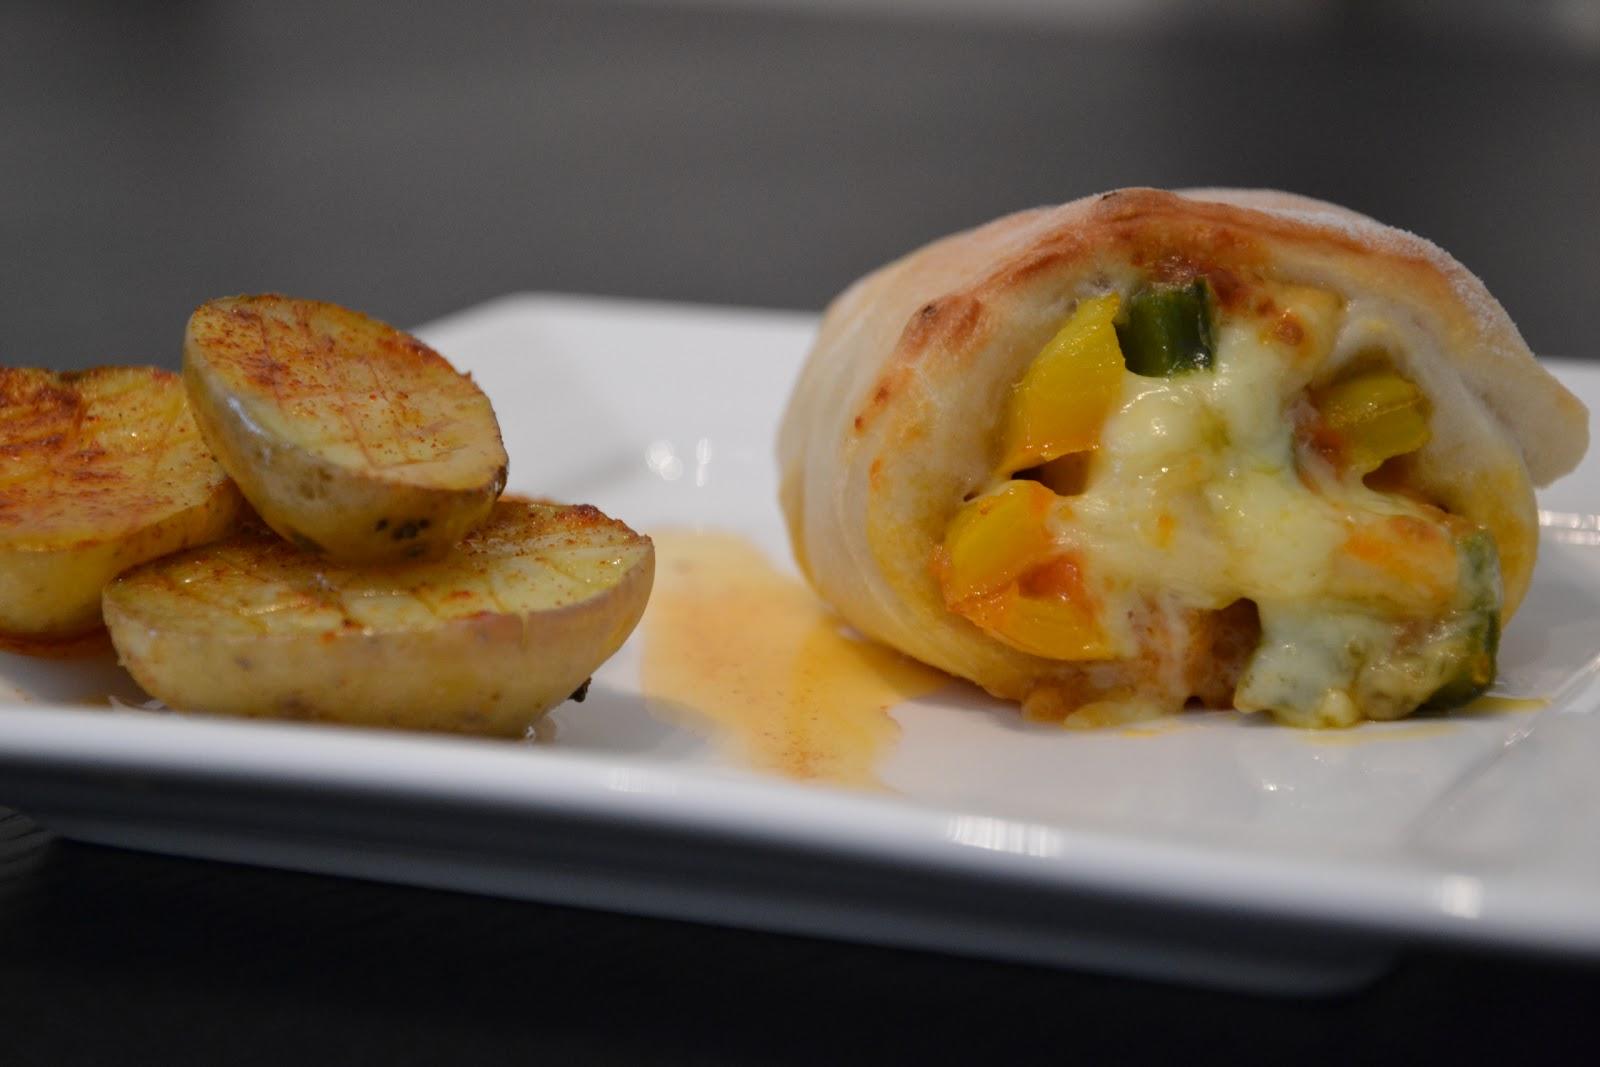 Rollitos de pizza con piment n agenda de huesca - Hoya de cocina ...